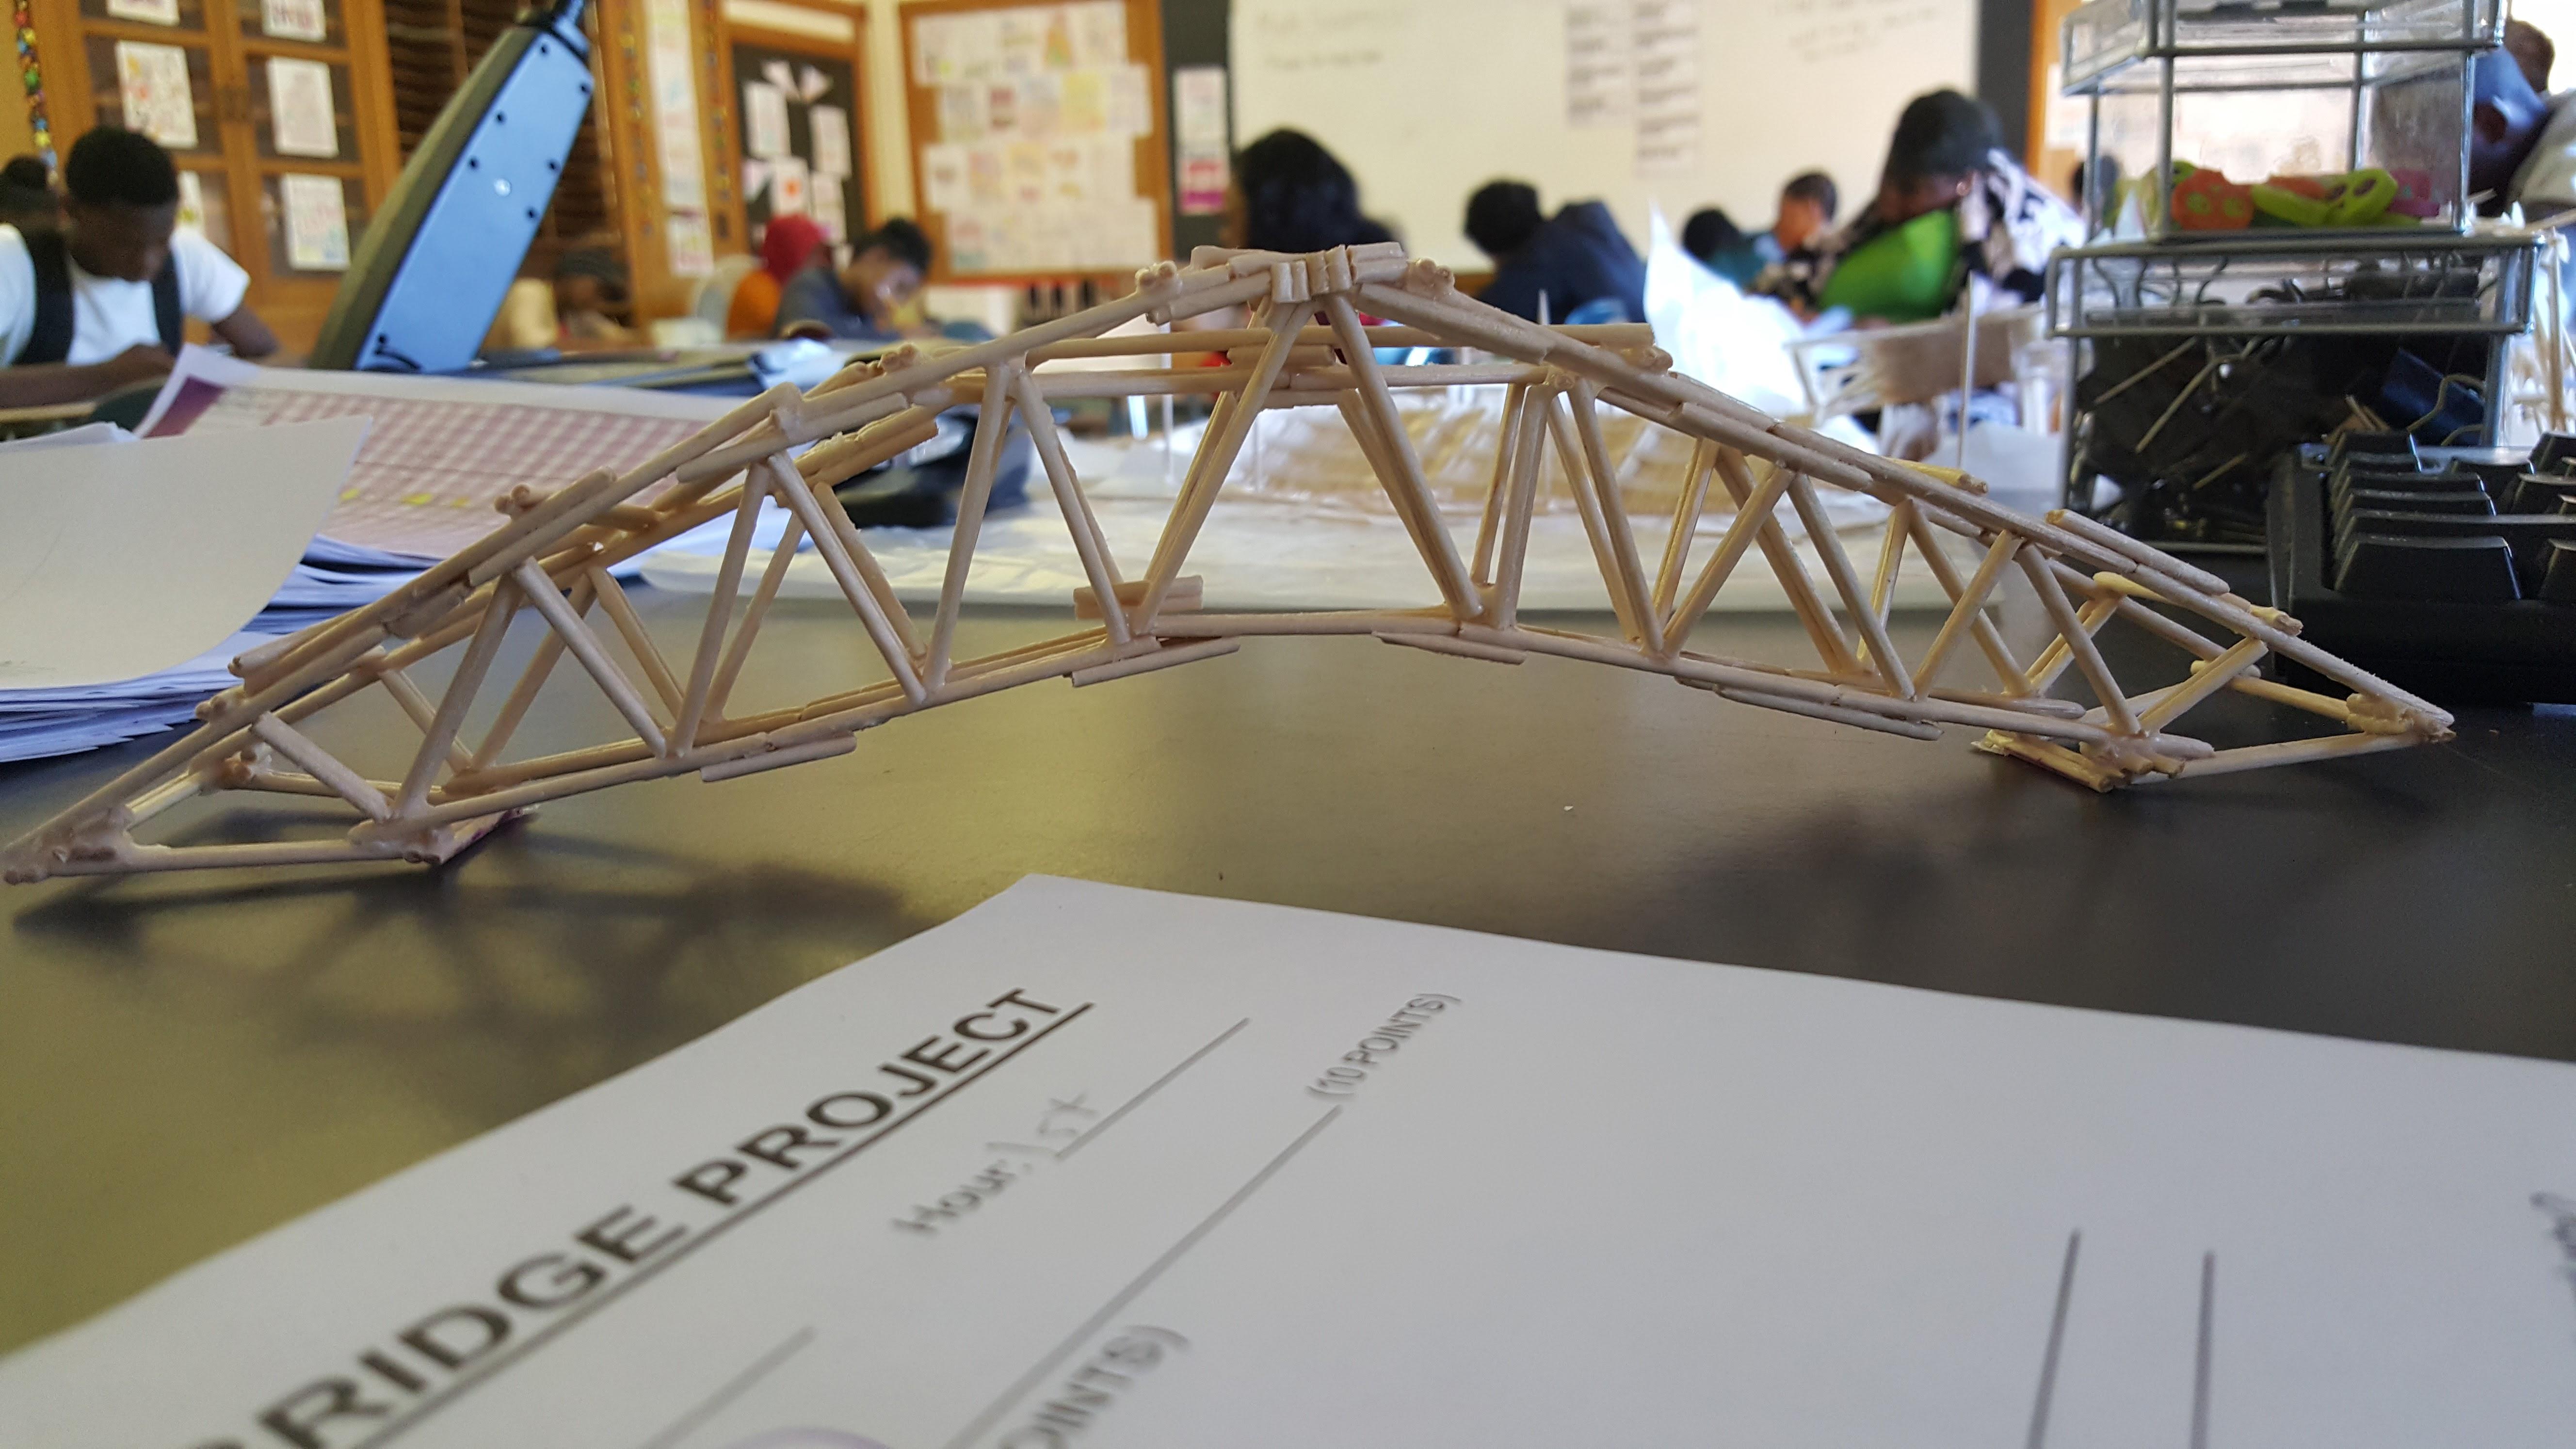 Student's Toothpick Bridge